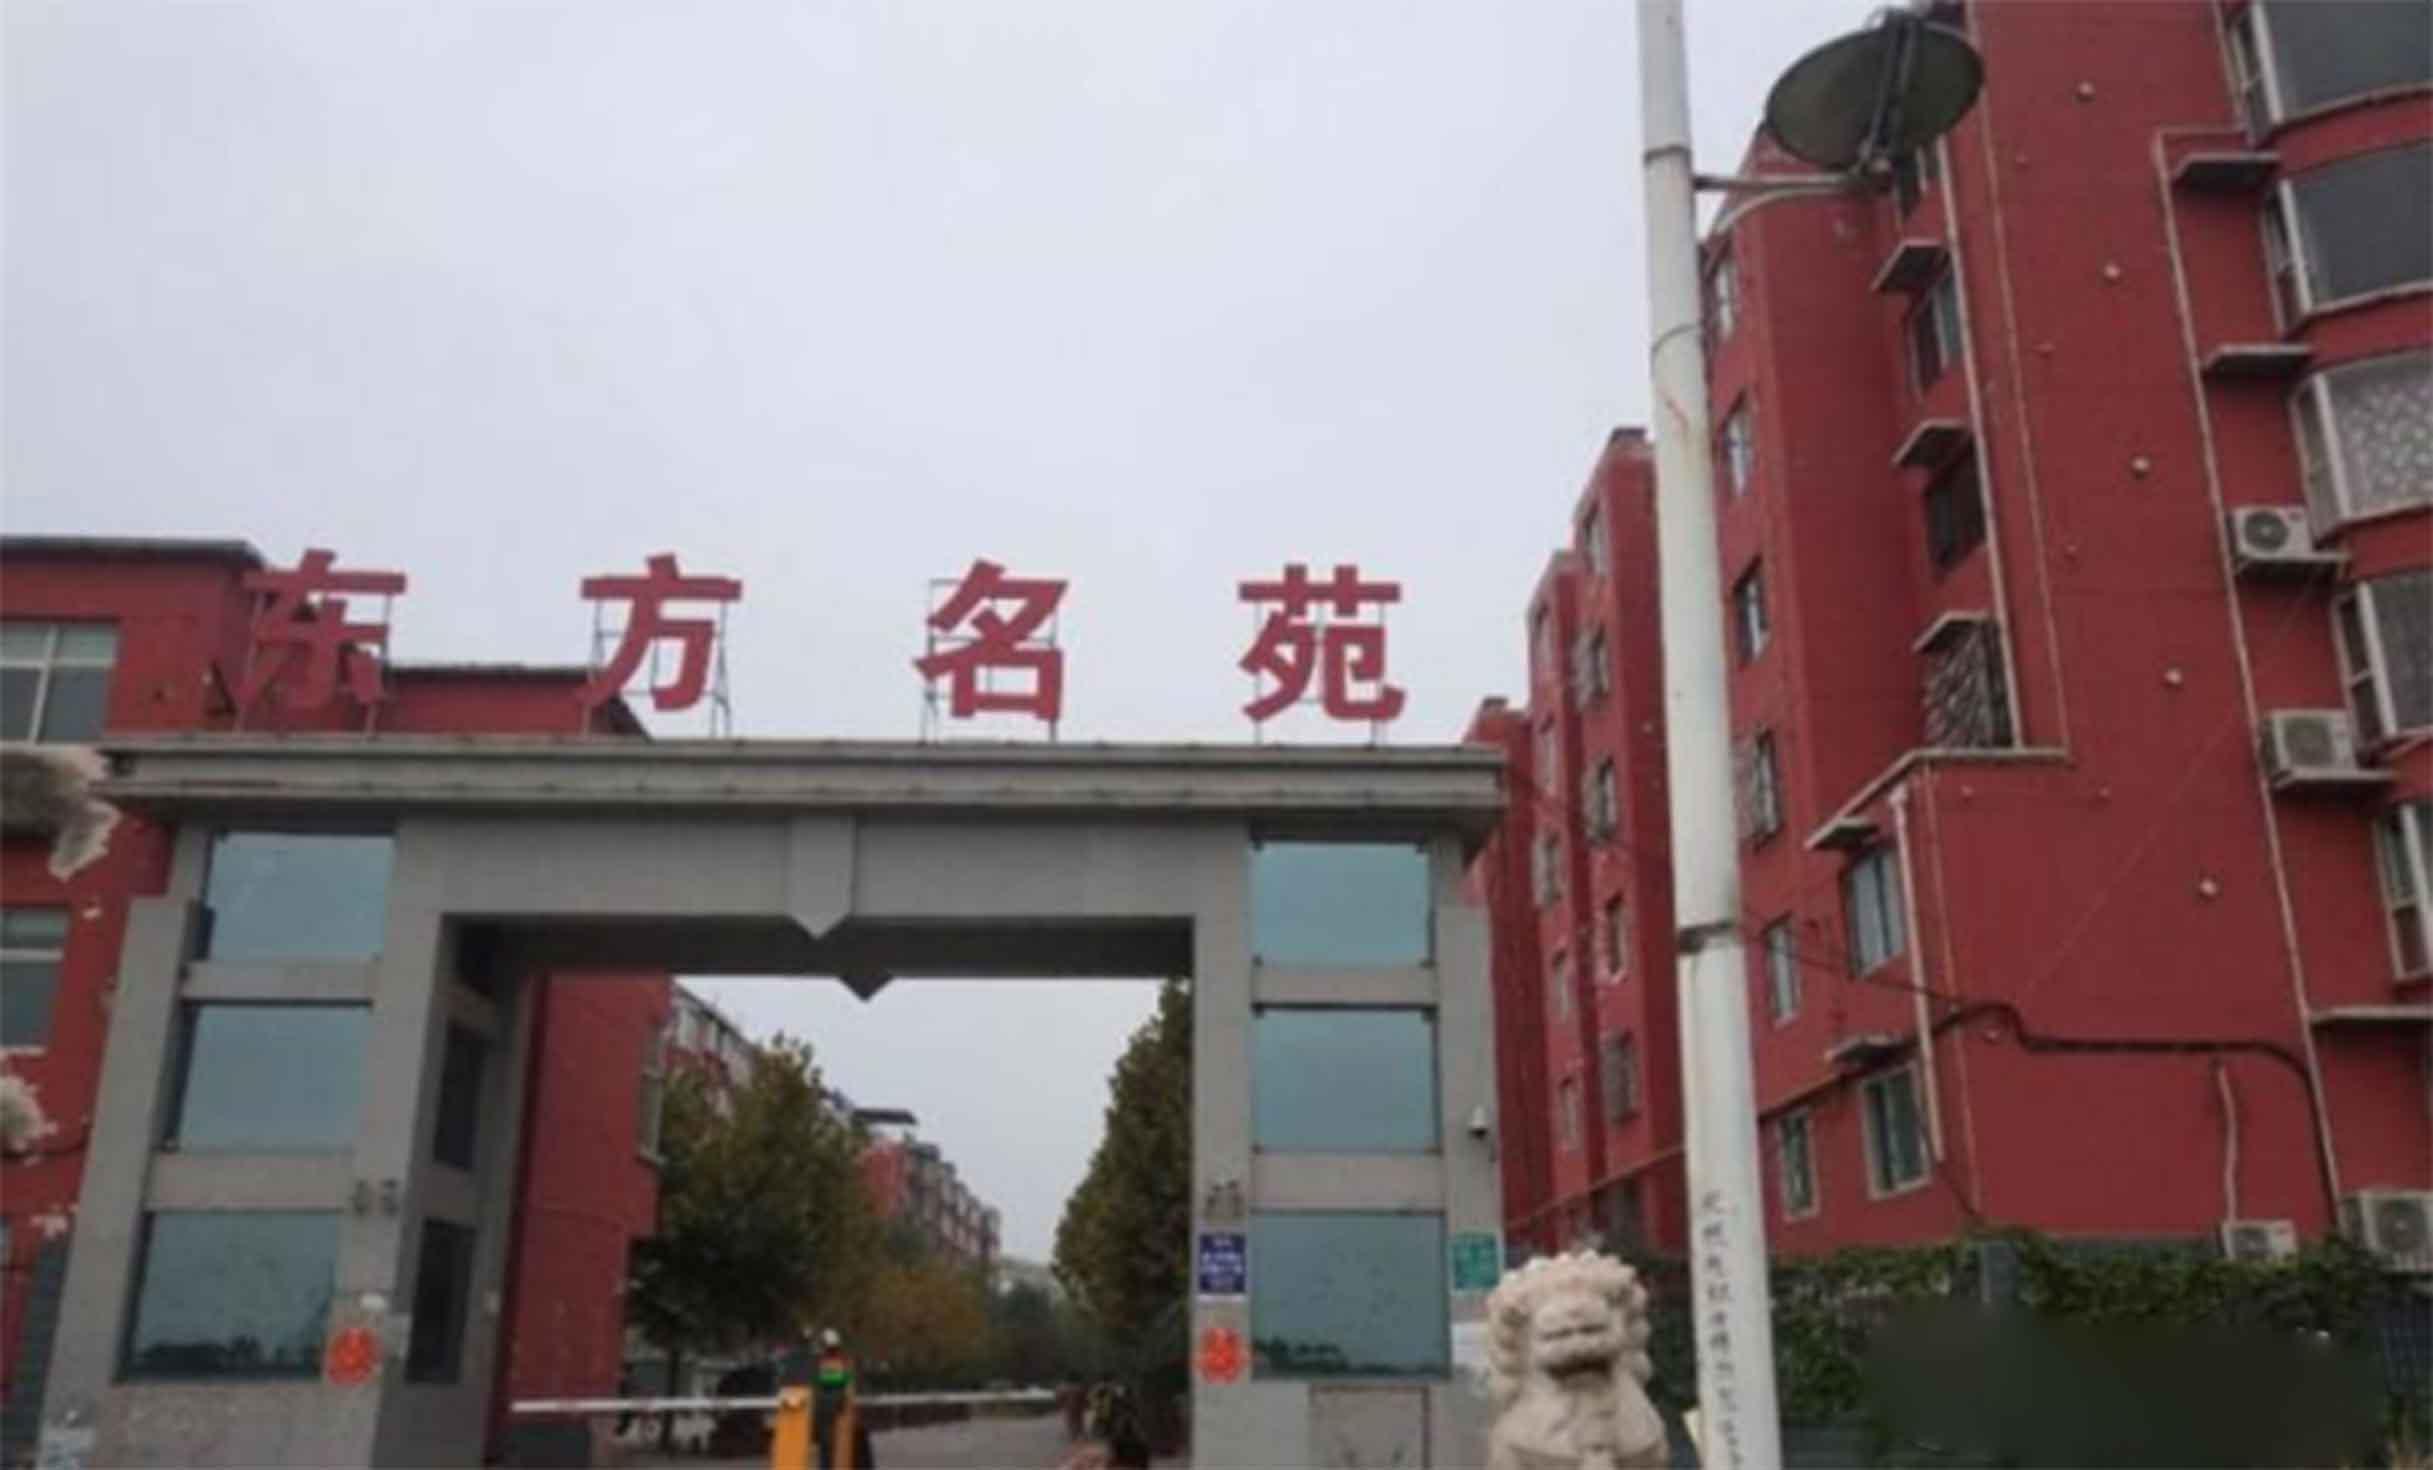 中华南路东方名苑小区共6层本户1层84平